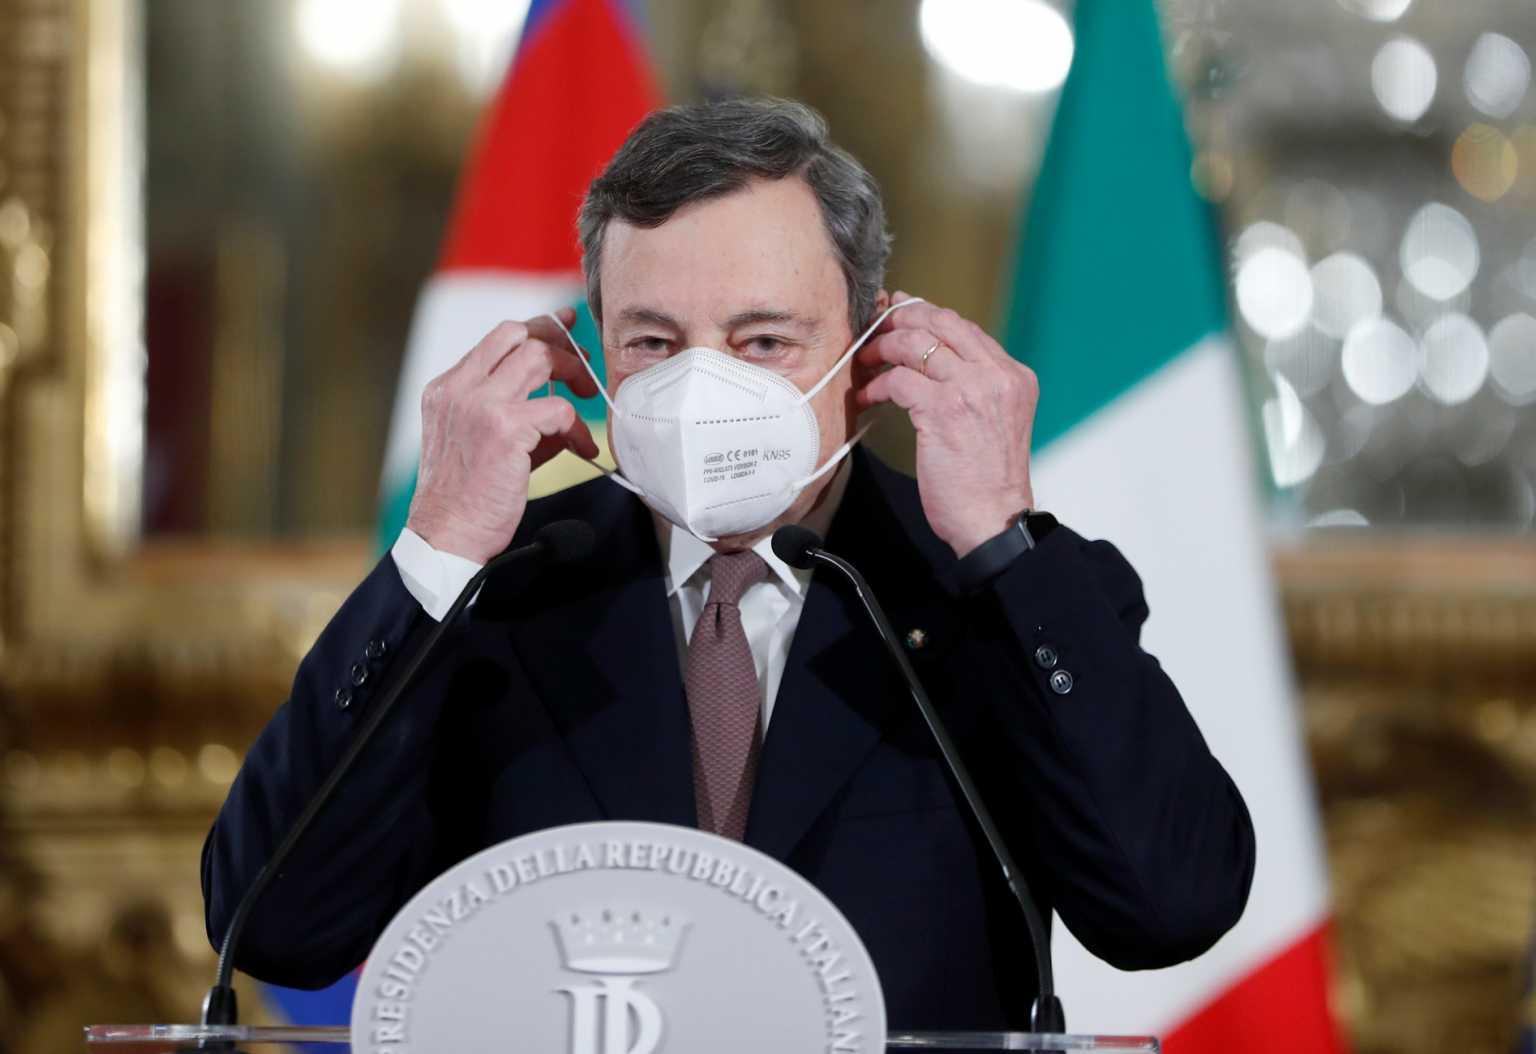 Ντράγκι: Παραιτήθηκε του μισθού του για τη θέση του πρωθυπουργού – Αρκείται στις δύο συντάξεις του